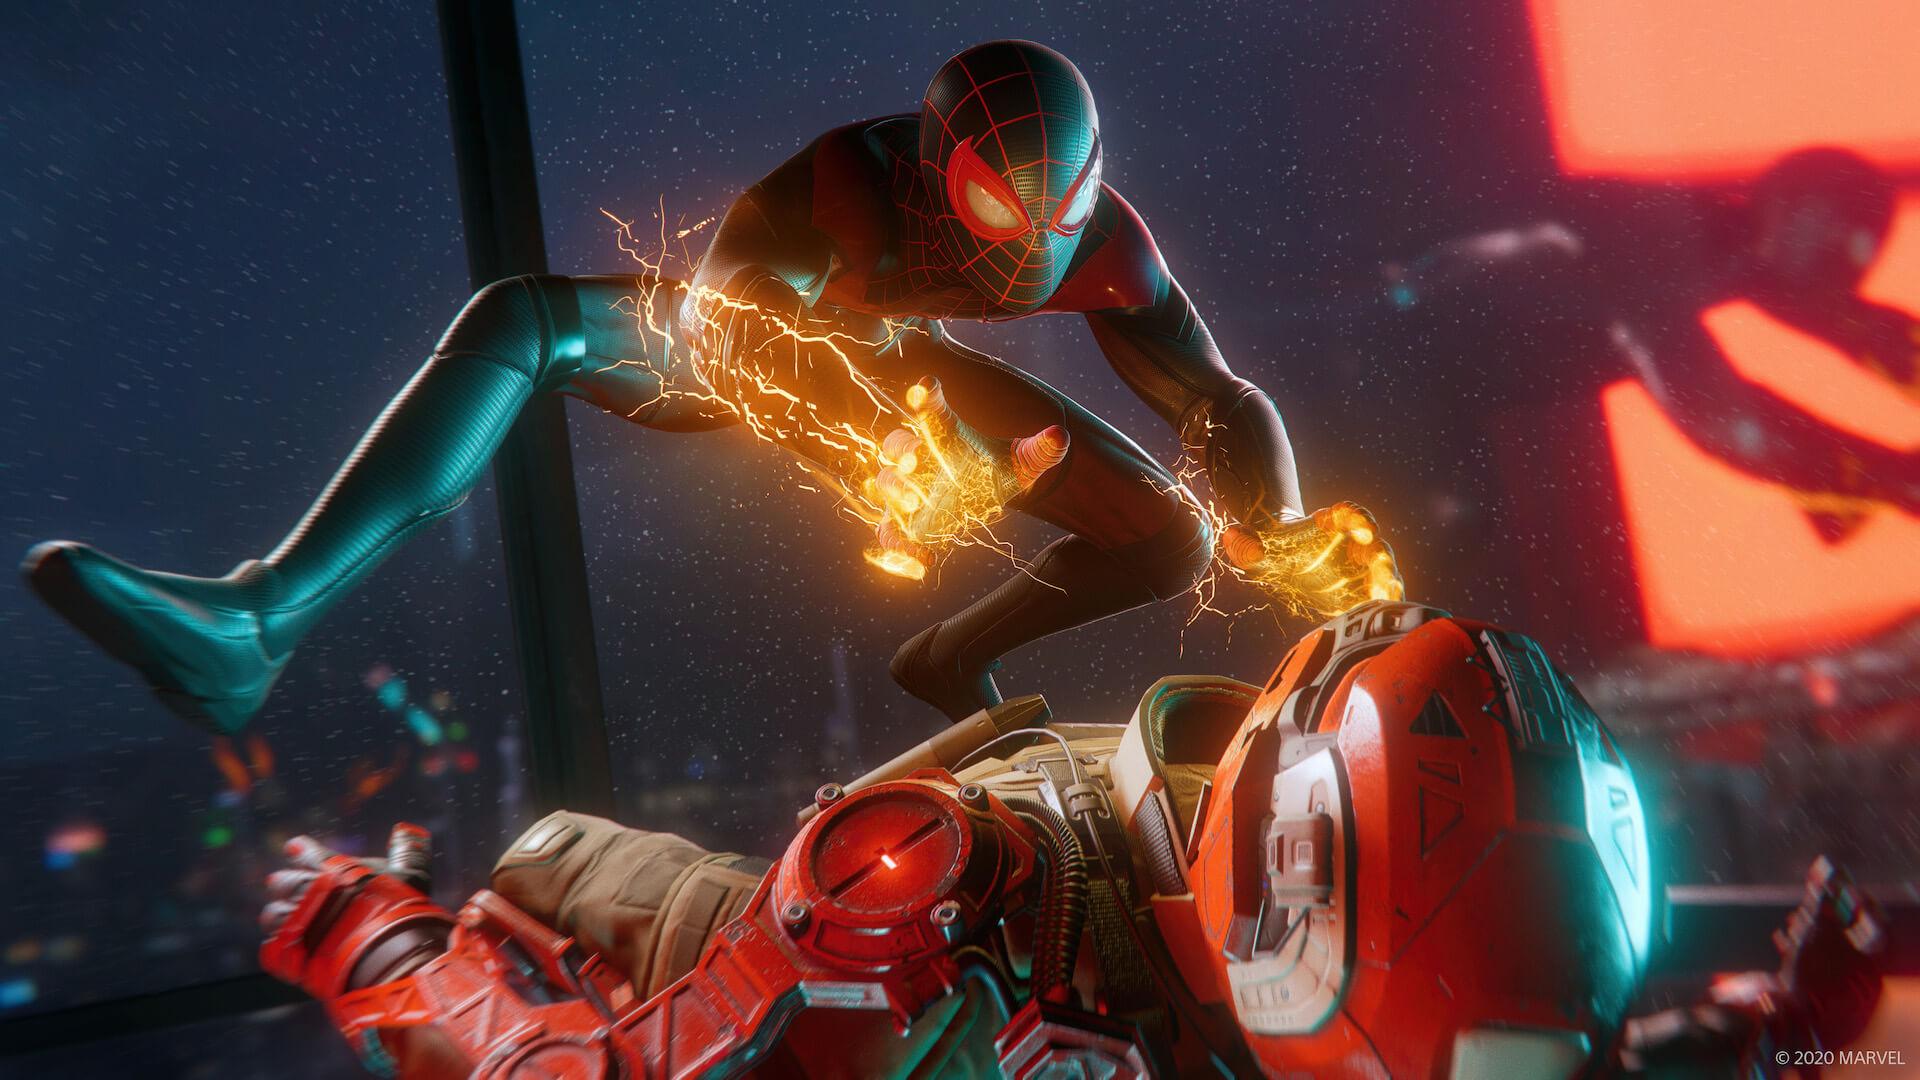 『スパイダーマン』のマイルズ・モラレスとなってNYの街を守り抜け!『Marvel's Spider-Man: Miles Morales』が来週ついに発売 tech201106_spiderman_ps5_2-1